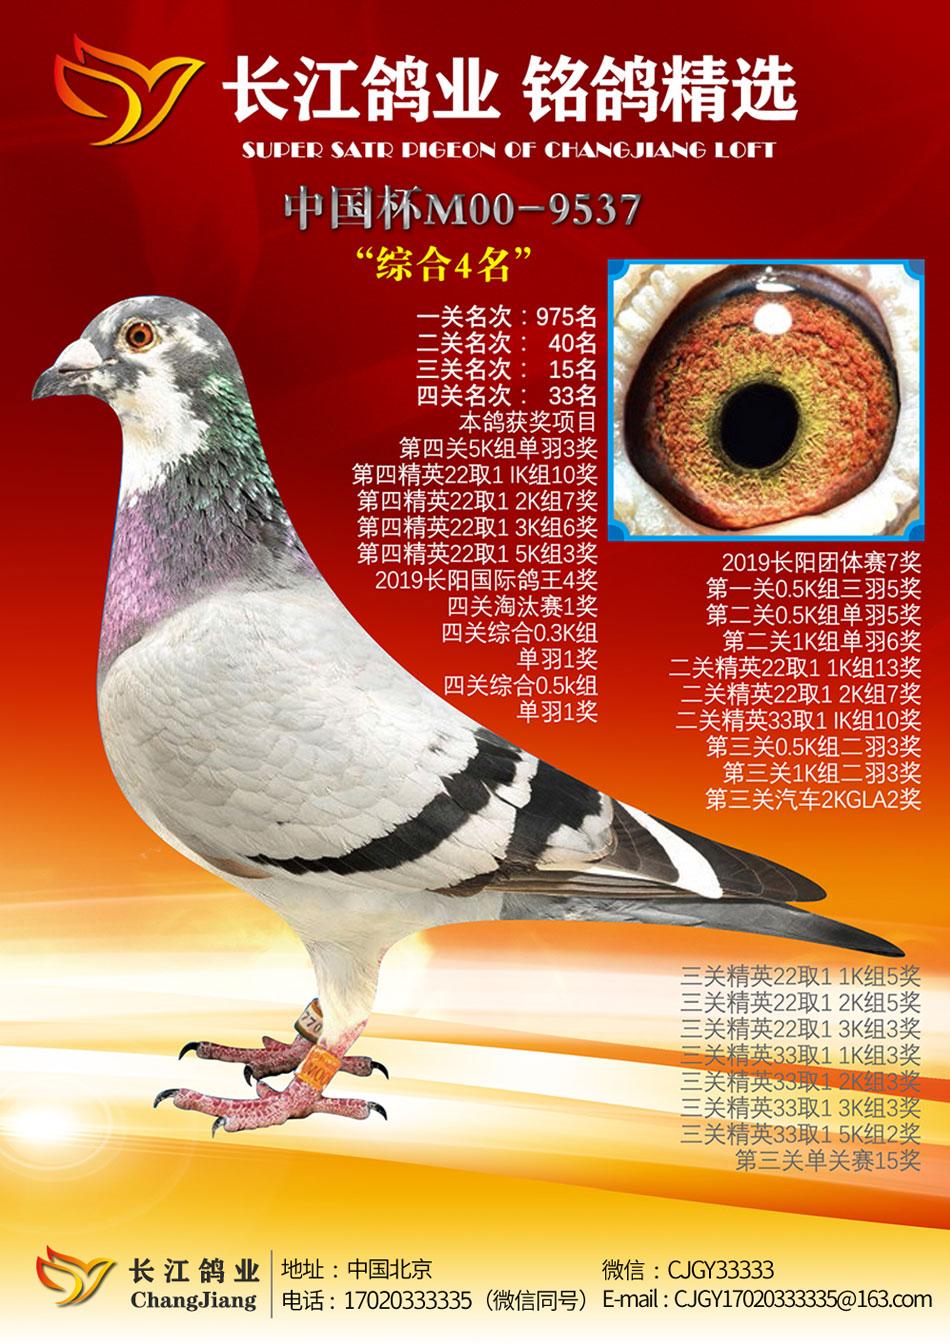 2019年北京长阳国际鸽王综合4名